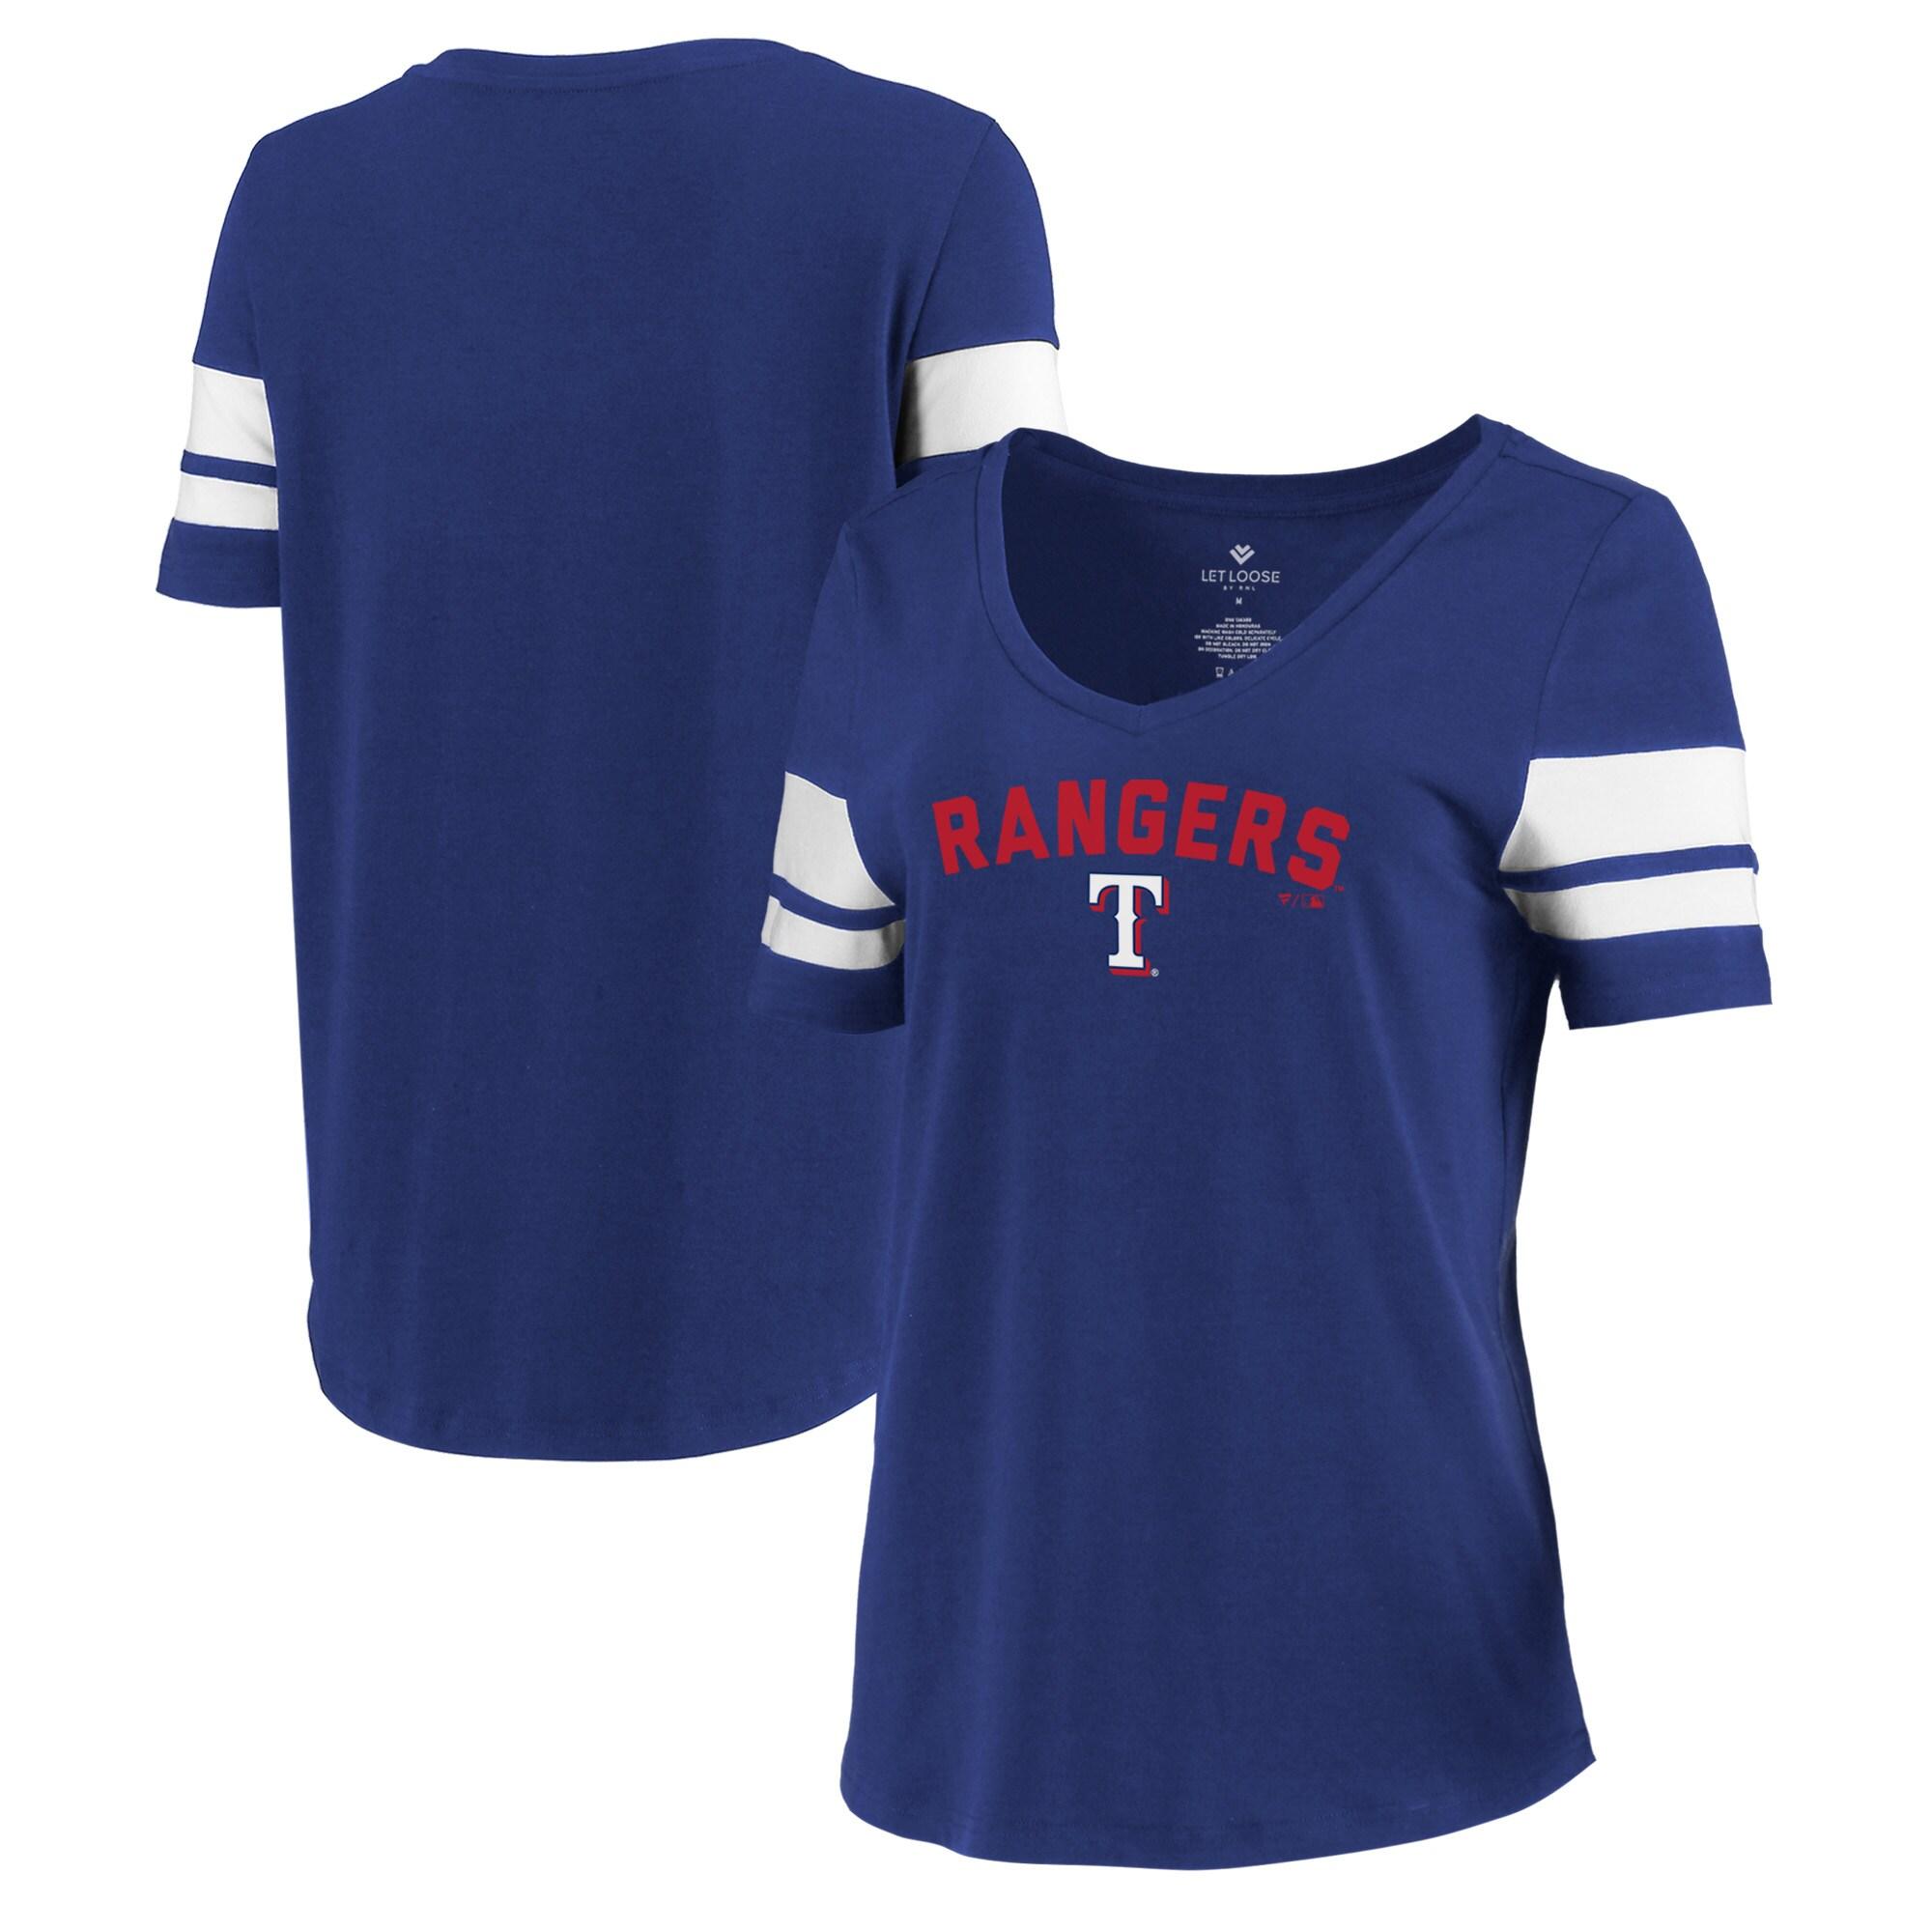 Texas Rangers Let Loose by RNL Women's Scramble Two Stripe Tri-Blend T-Shirt - Royal